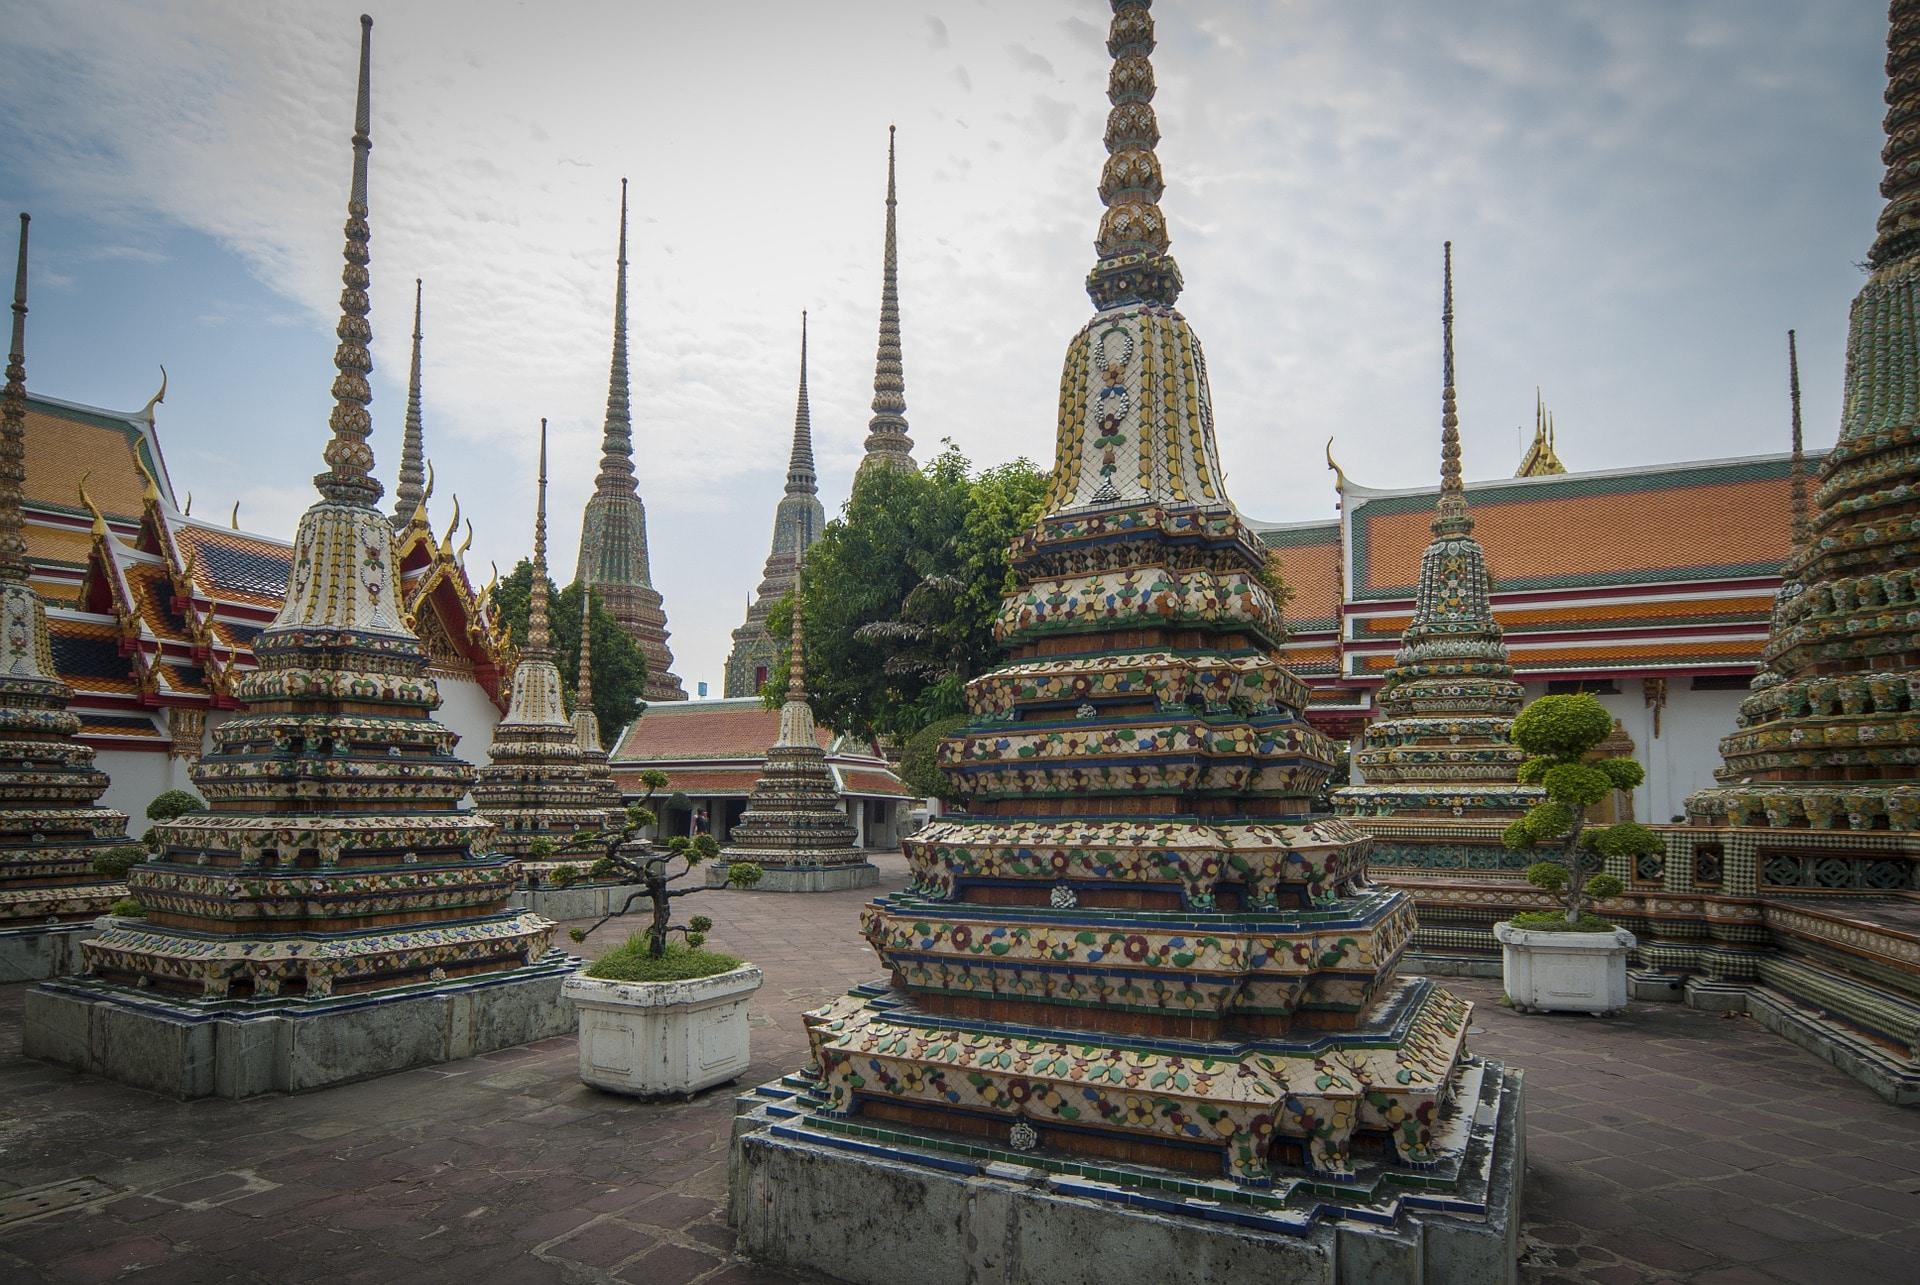 bangkok-887482_1920.jpg